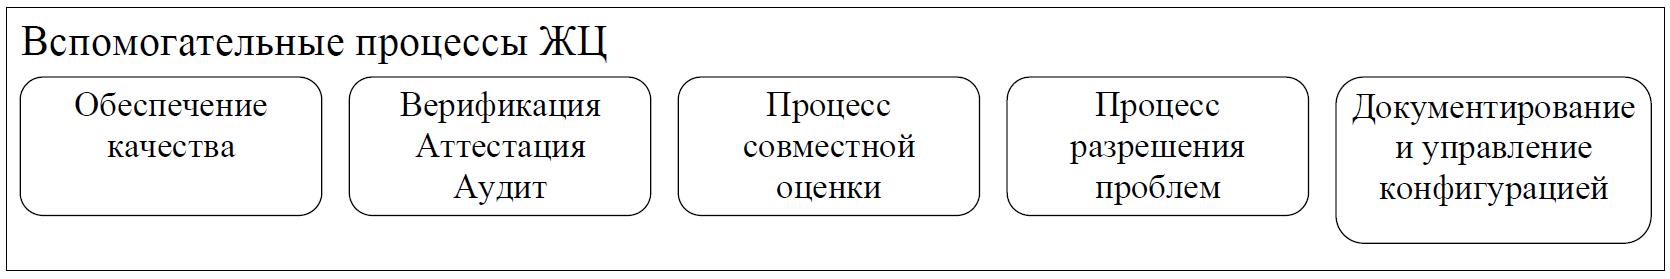 Структура вспомогательных процессов ЖЦ